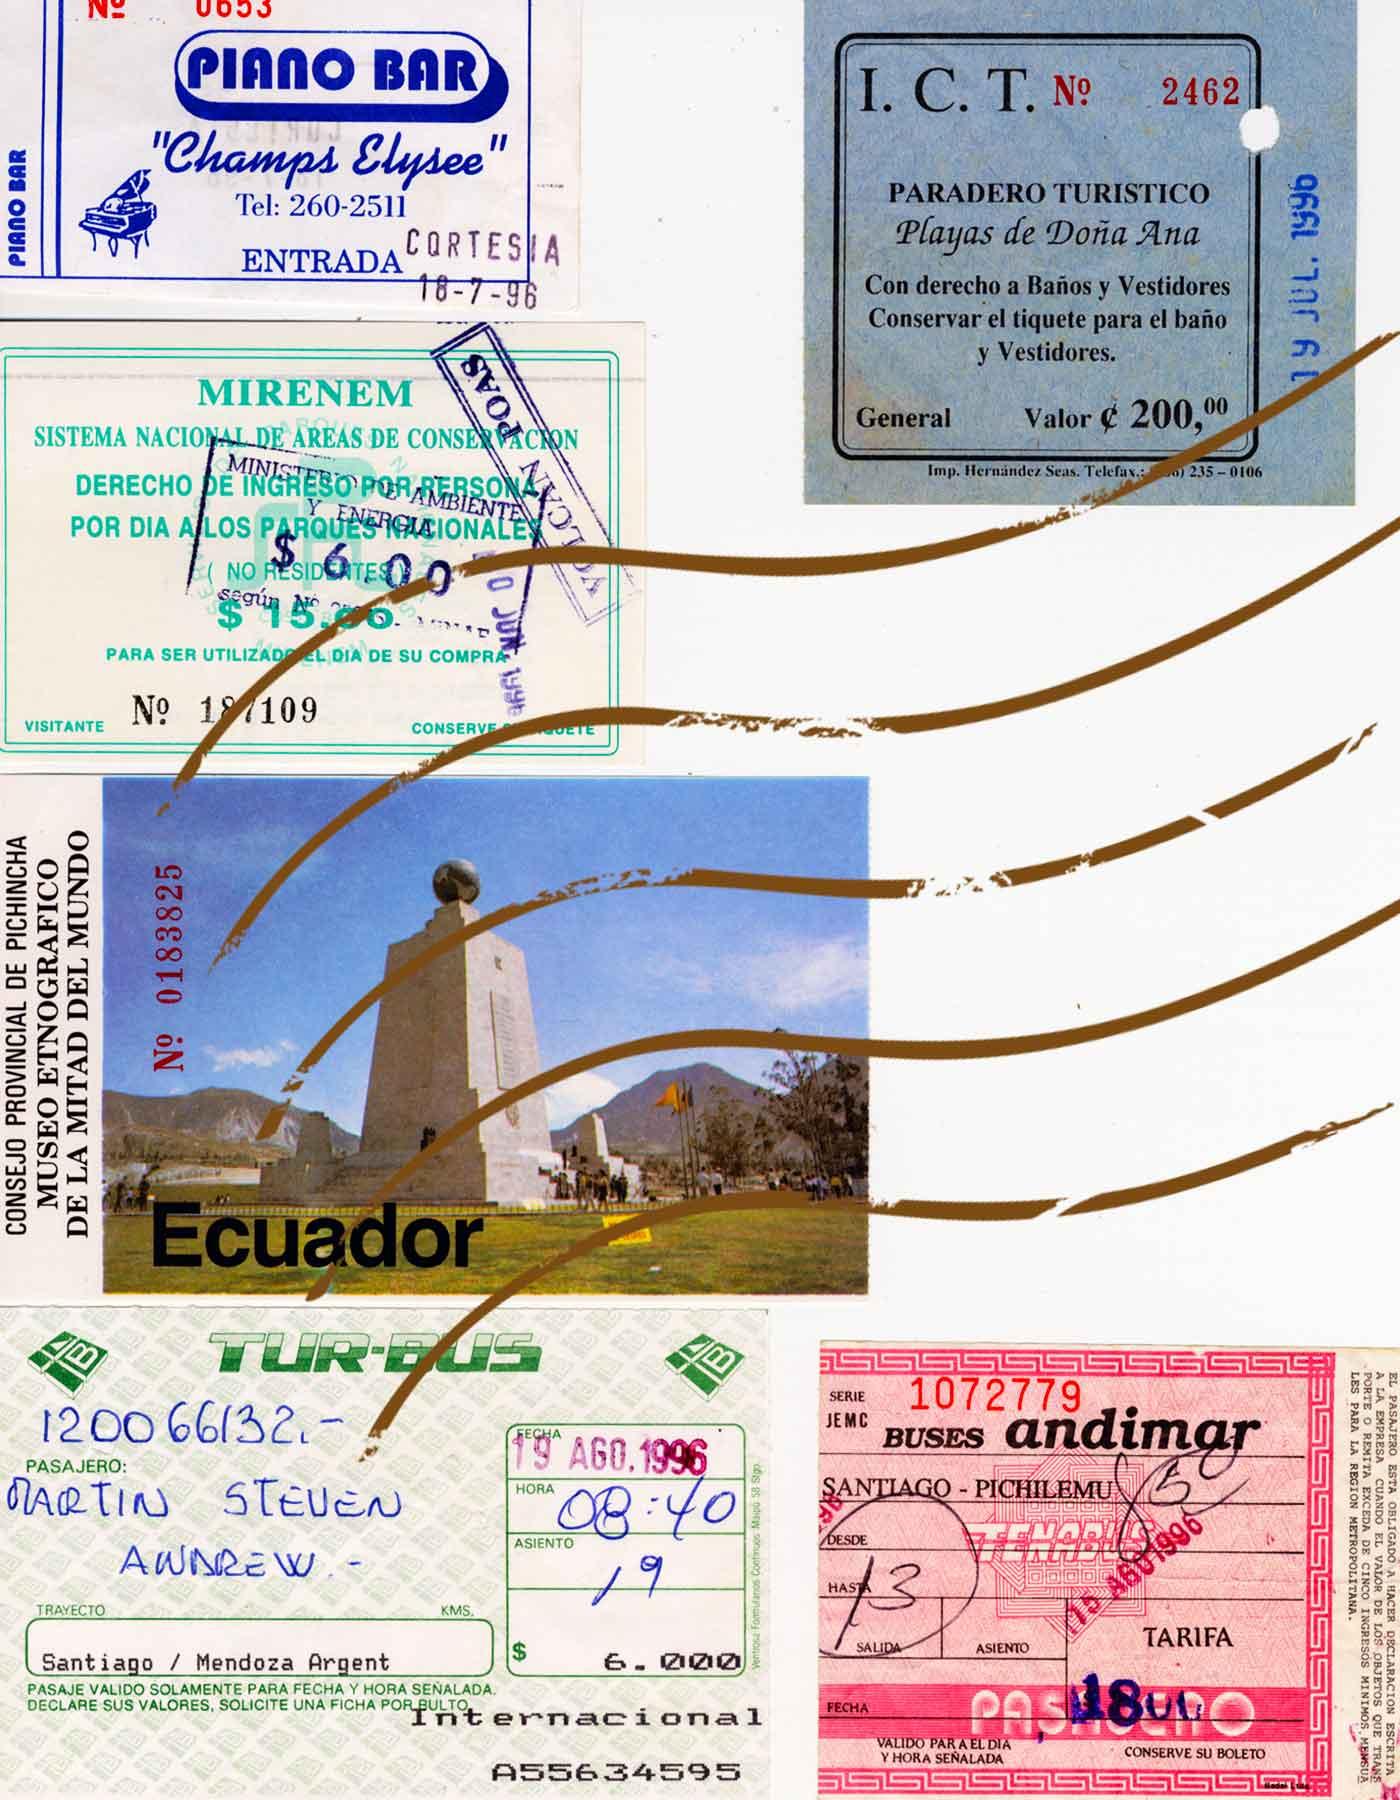 Steven Andrew Martin | South America | Travel Journal | Dr Steven Martin